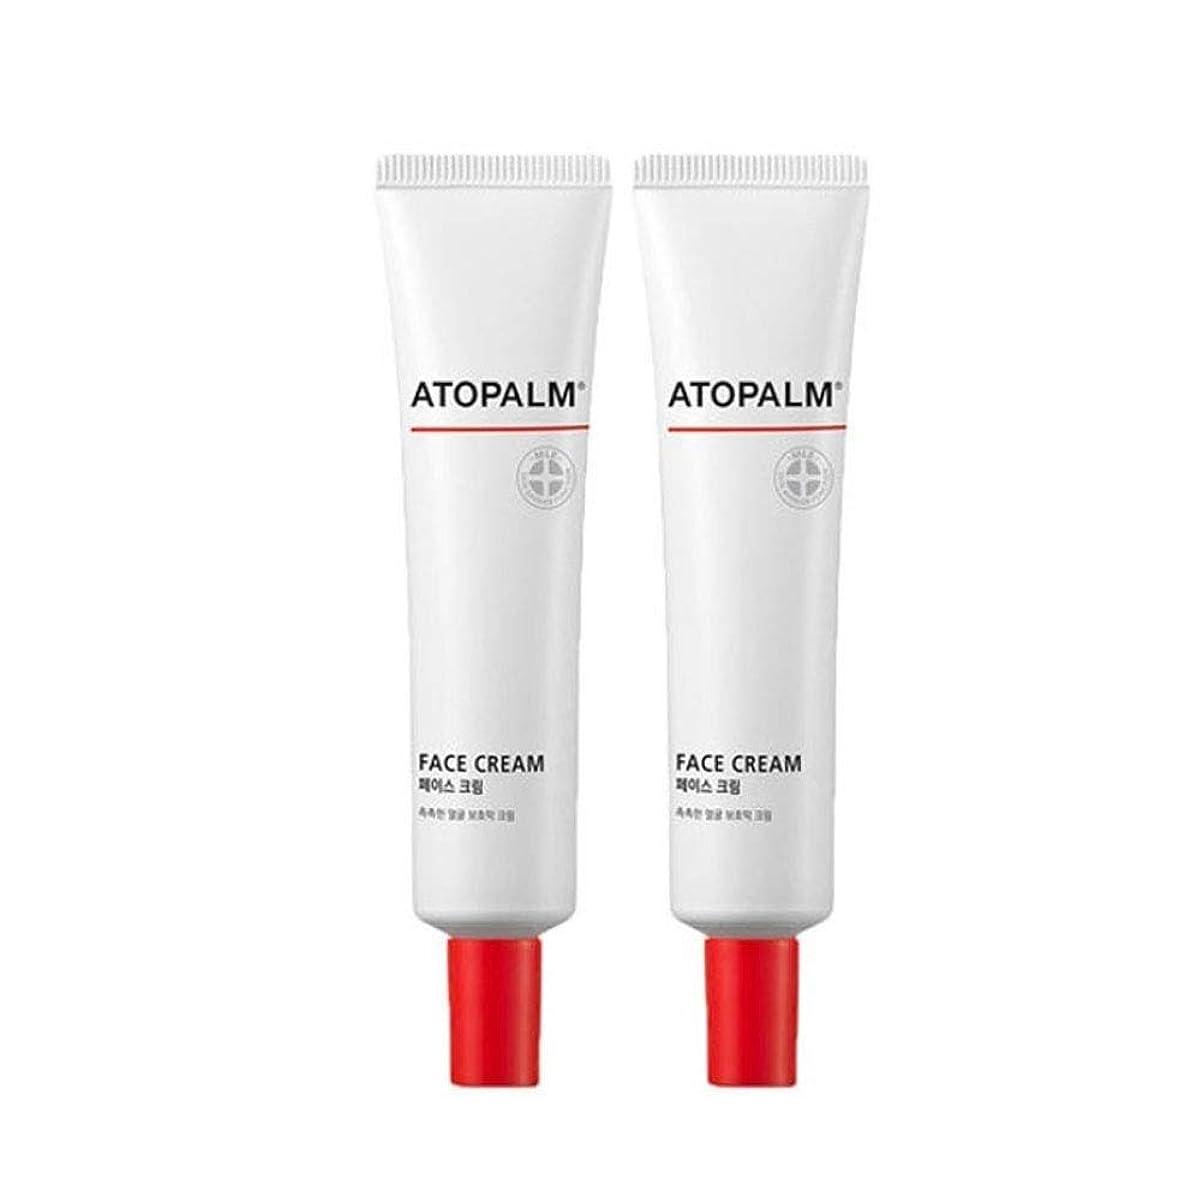 溶けるデザイナー好みアトパムフェイスクリーム35mlx2本セット韓国コスメ、Atopalm Face Cream 35ml x 2ea Set Korean Cosmetics [並行輸入品]